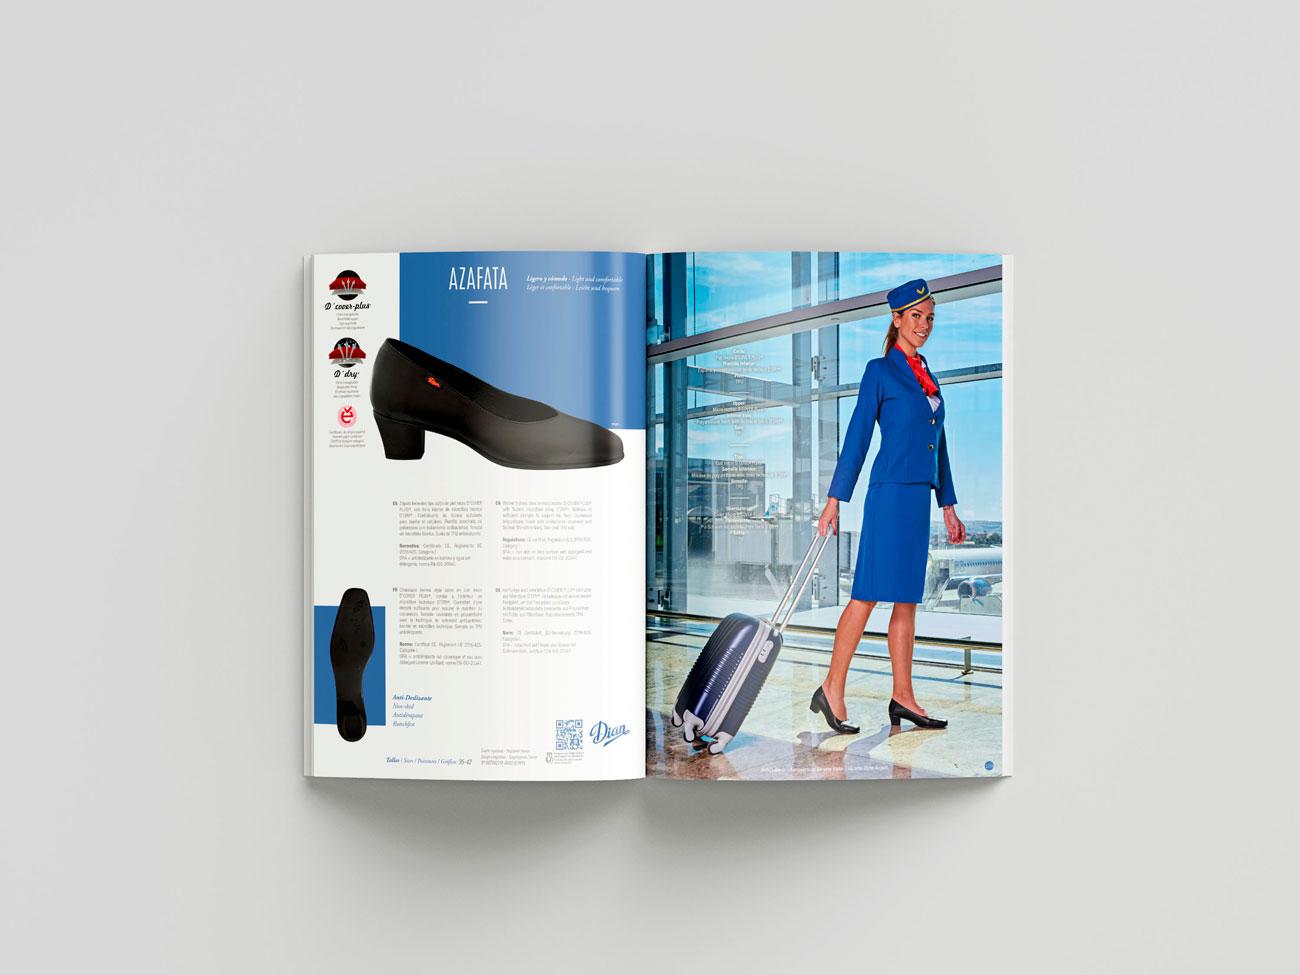 DIAN catalogo interior7 1